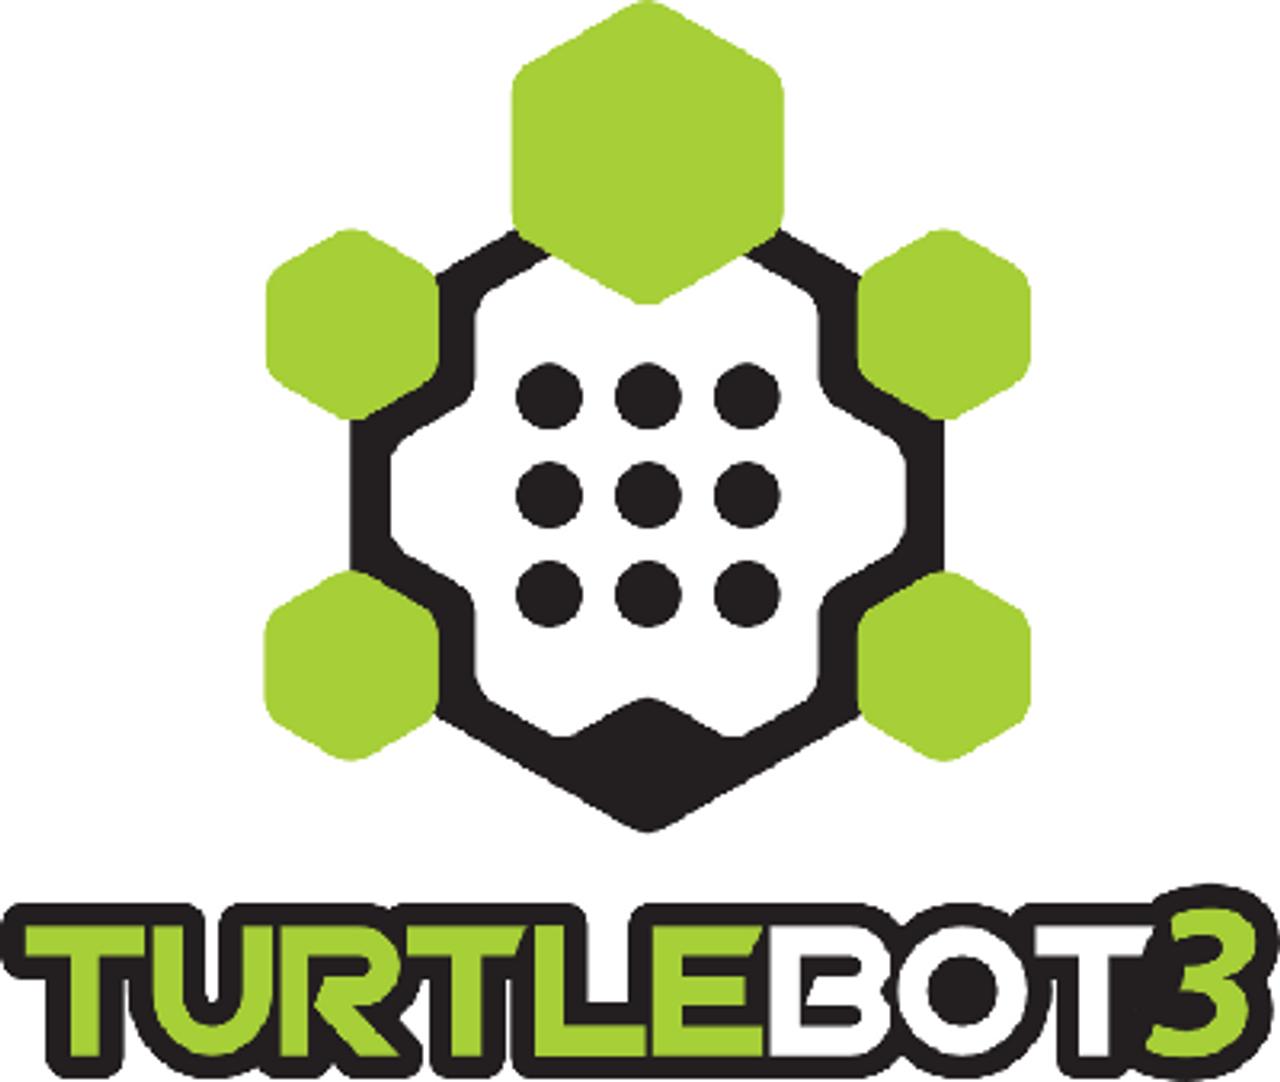 TurtleBot 3 Burger [US]